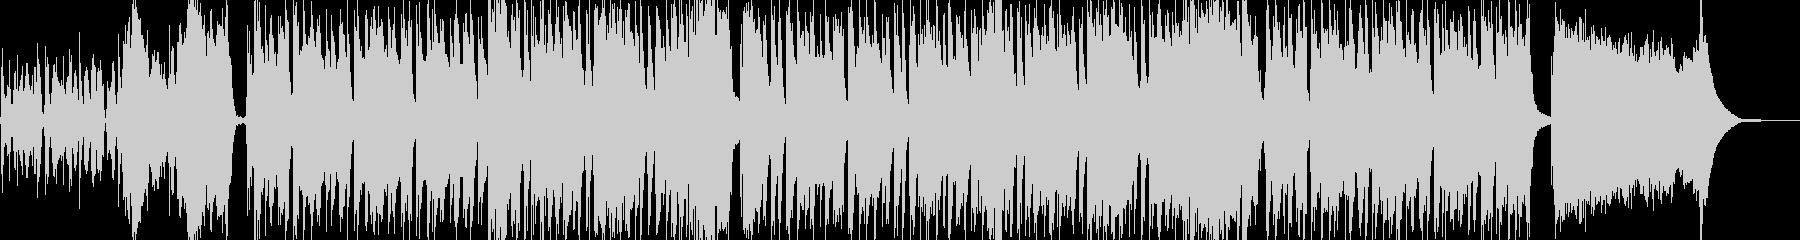 ベースがリードの珍しいシャッフルインストの未再生の波形